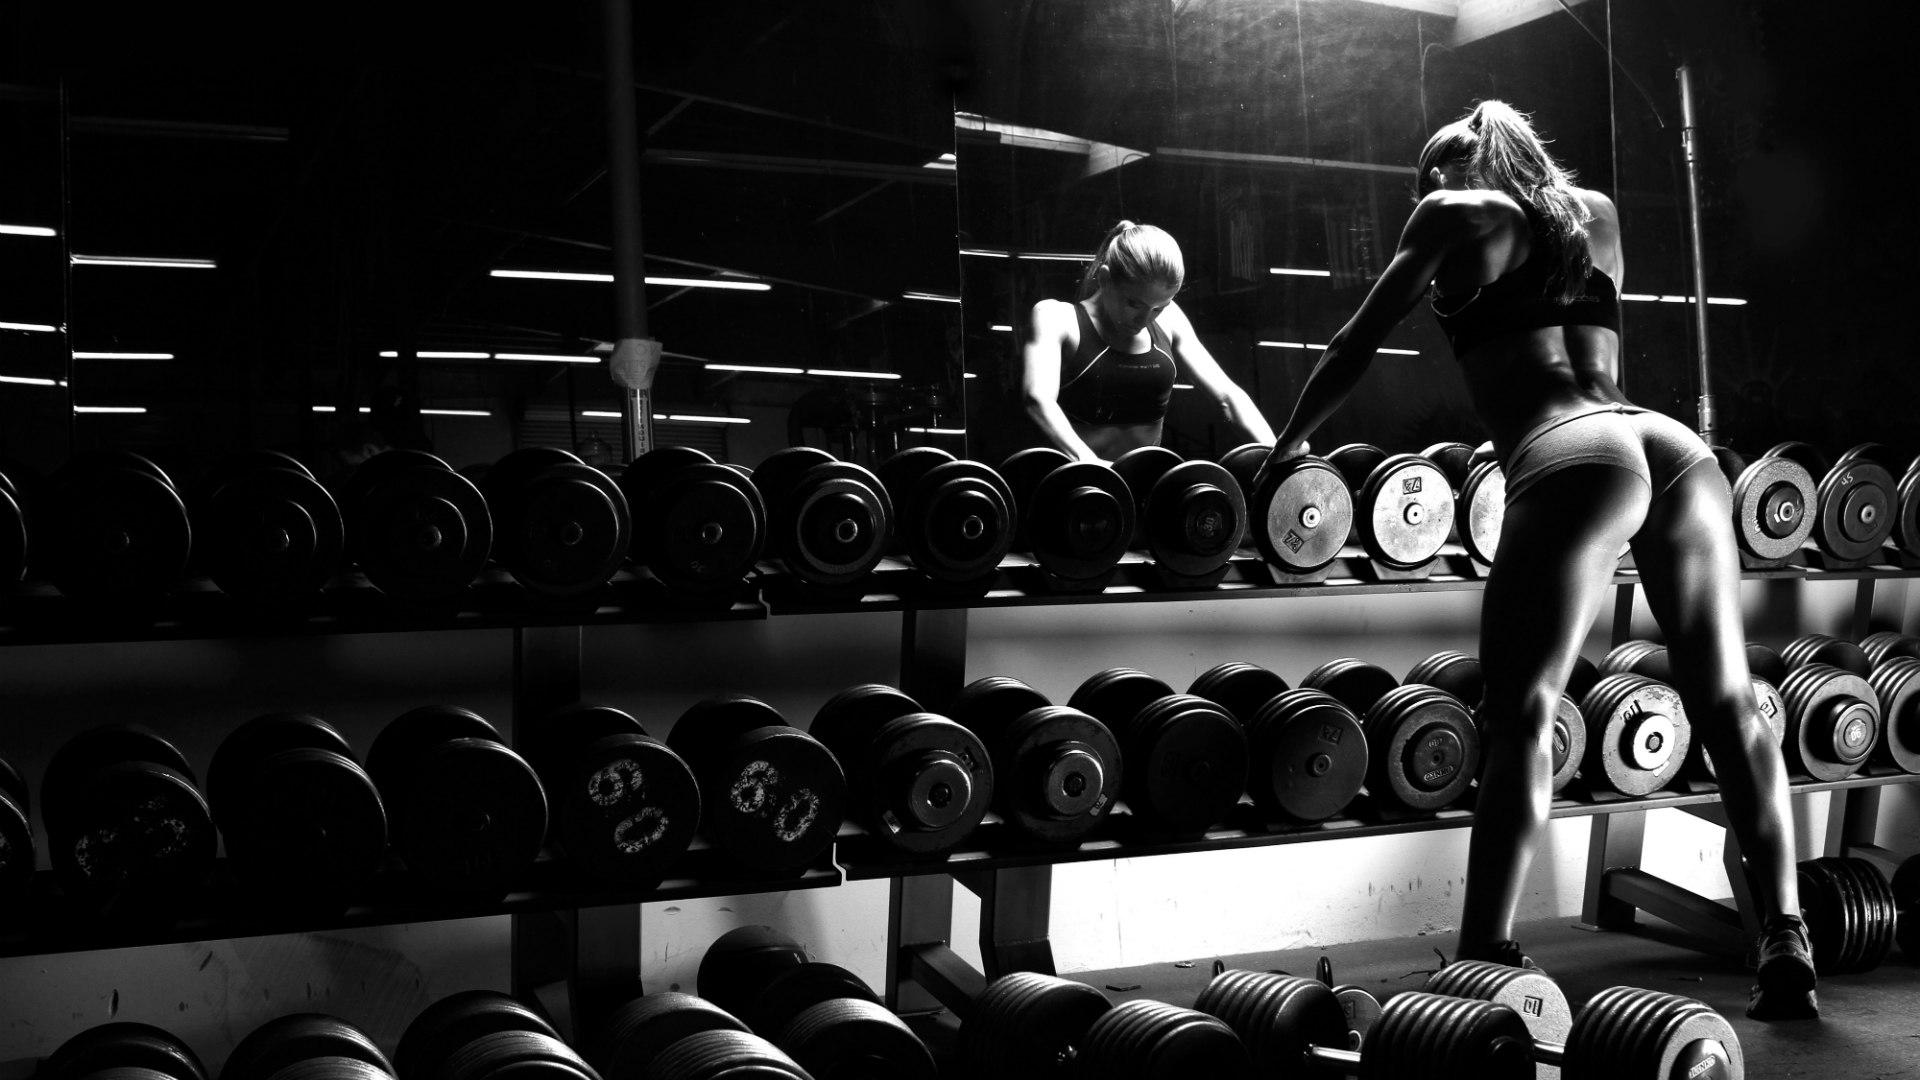 workout motivation wallpaper 1920x1080 wwwpixsharkcom